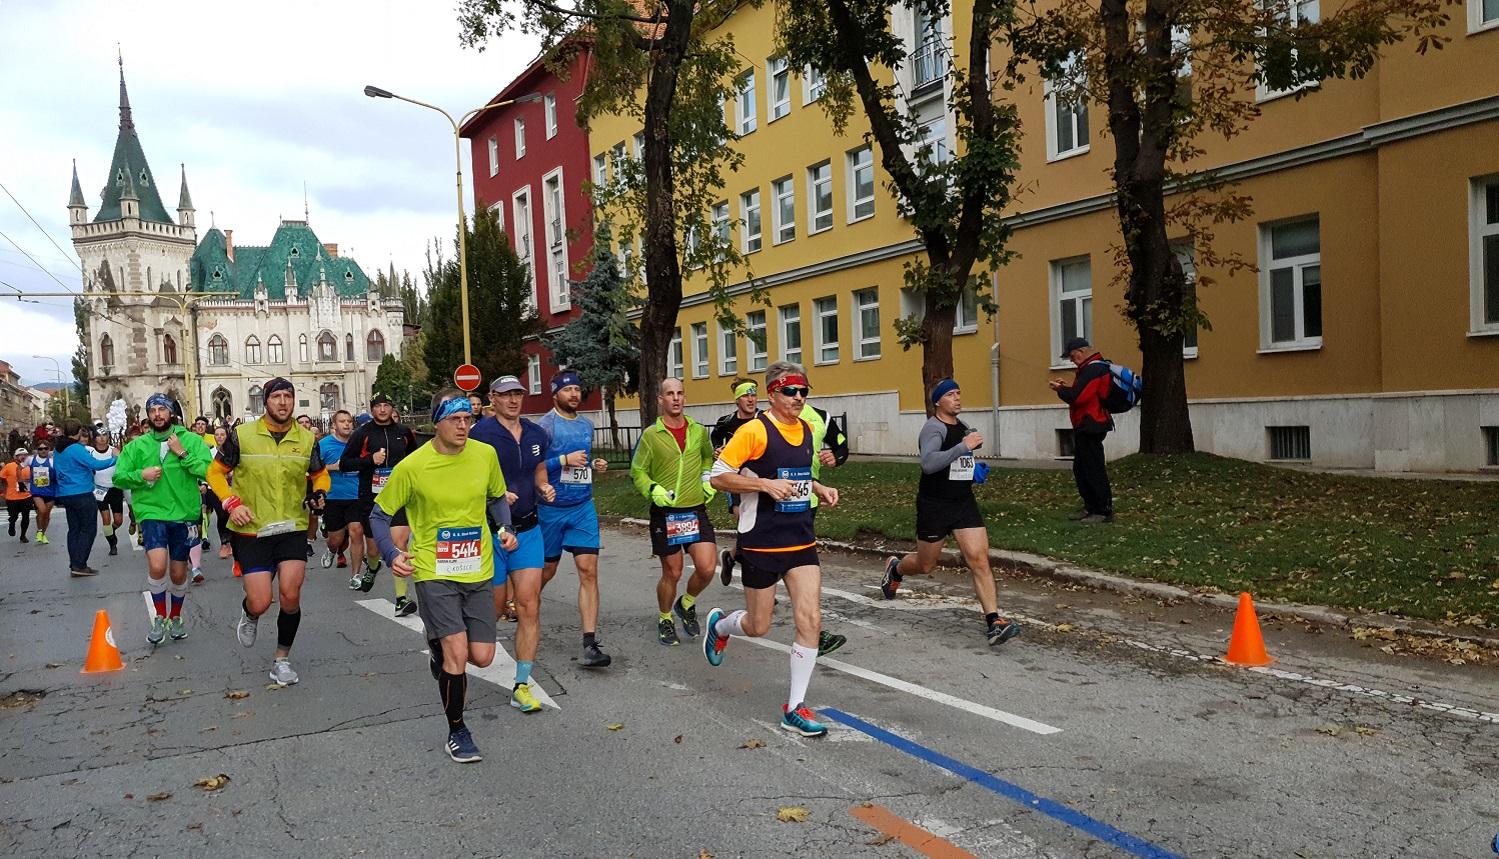 Уникальная атмосфера вновь поглотила международный марафон мира 2019 года в Кошице